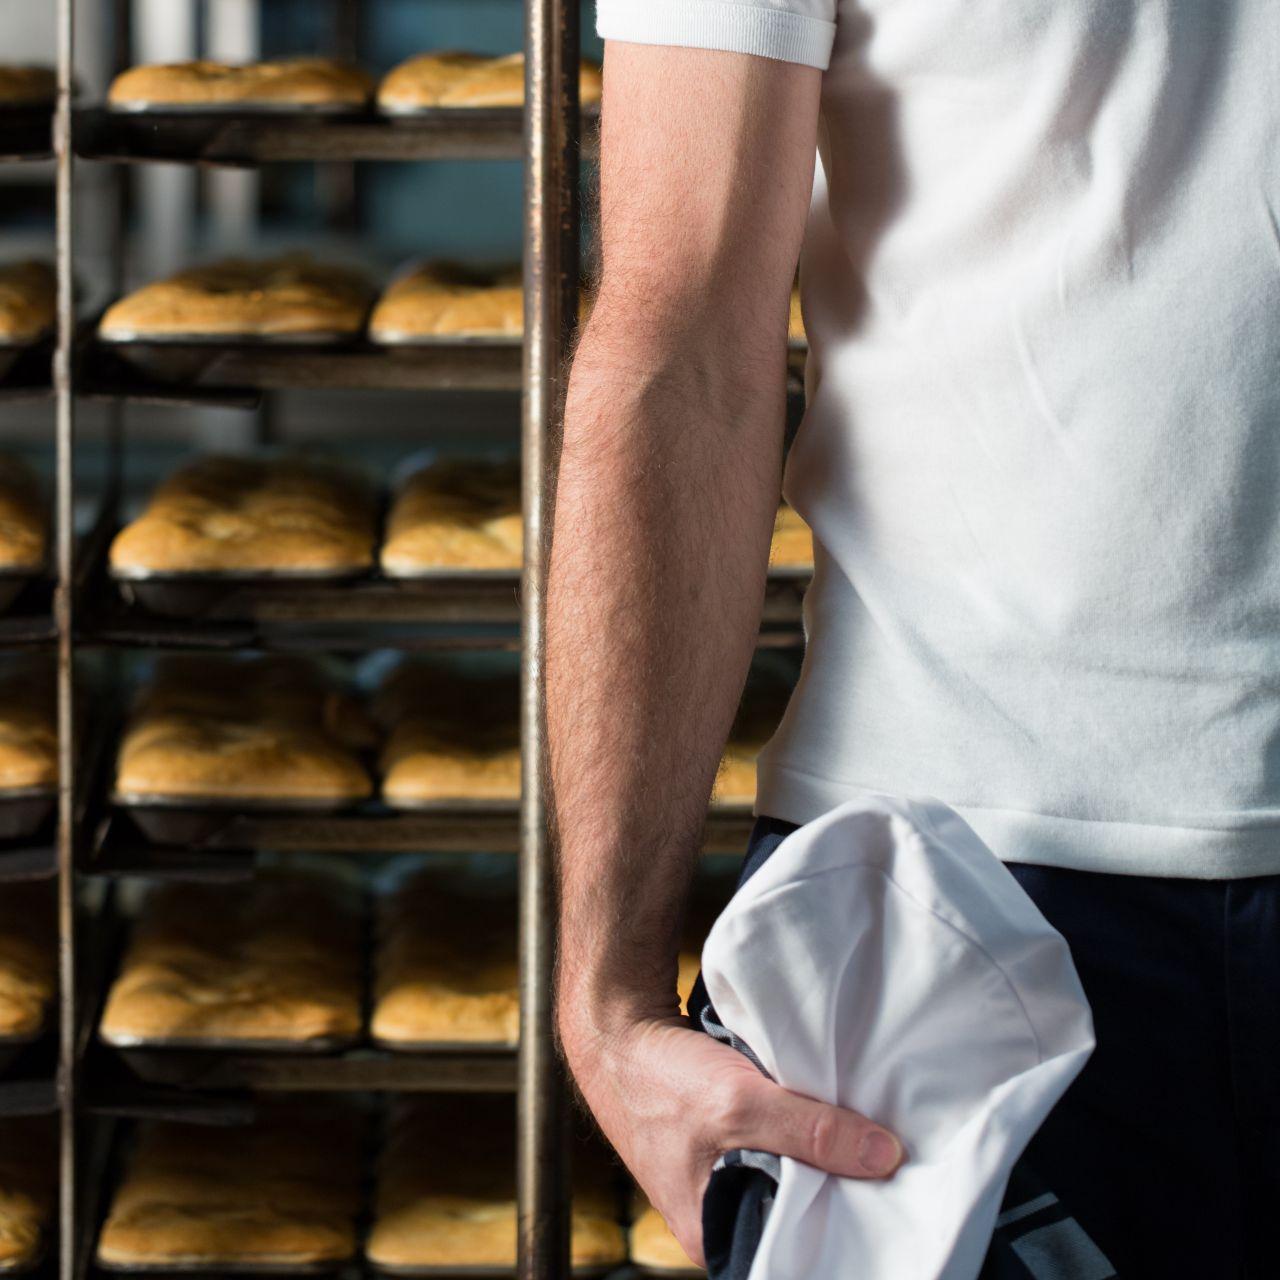 Baker holding hat